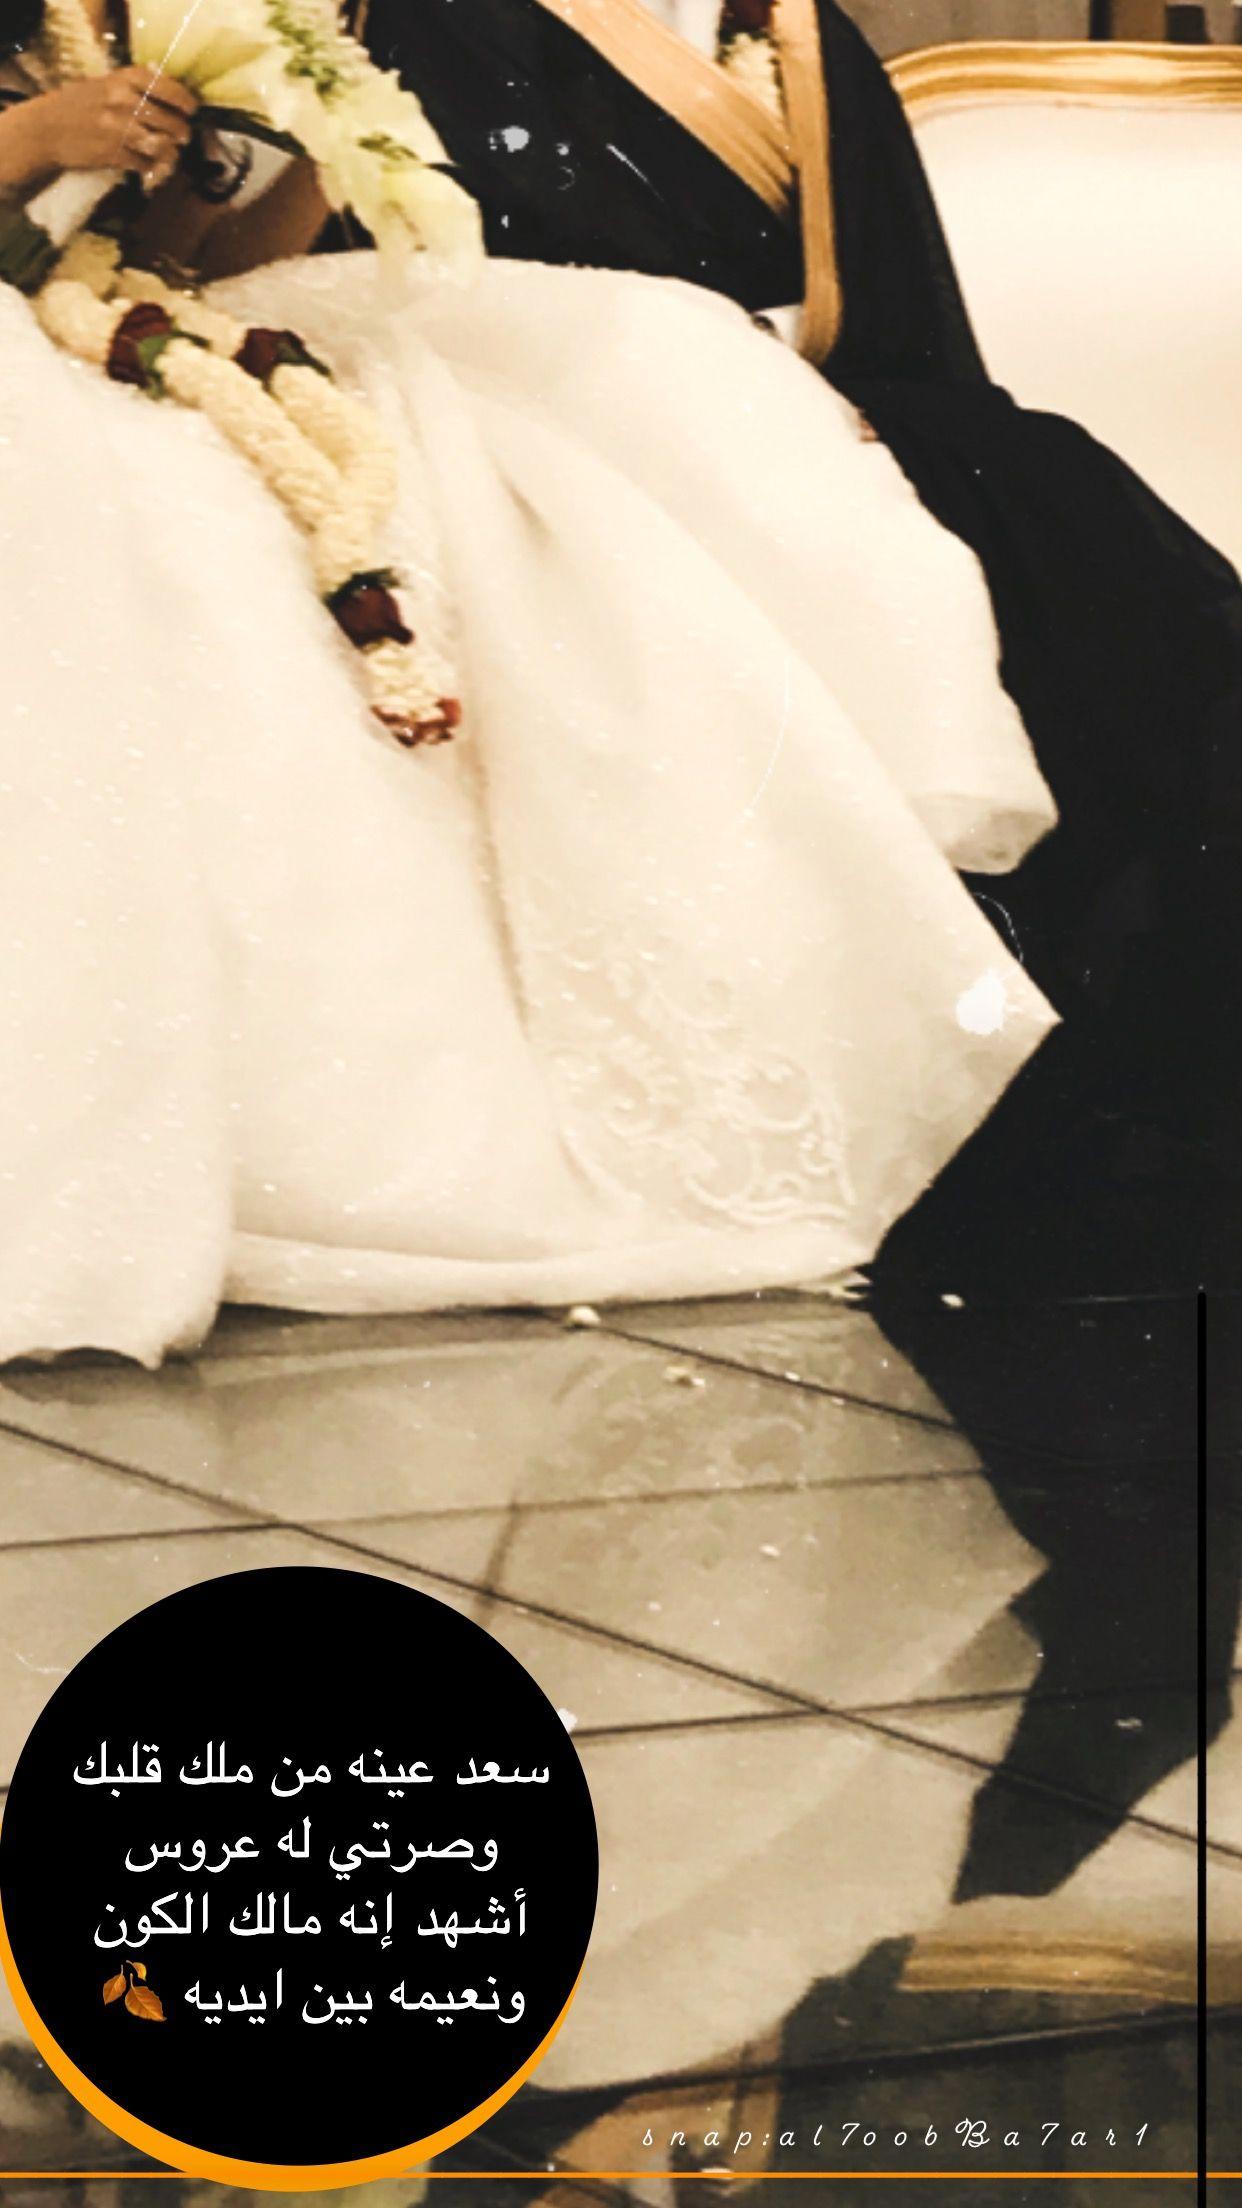 همسة سعد عينه من ملك قلبك وصرتي له عروس أشهد إنه مالك الكون ونعيمه بين ايديه تصويري تصويري سناب Bride Quotes Wedding Logo Design Arab Wedding